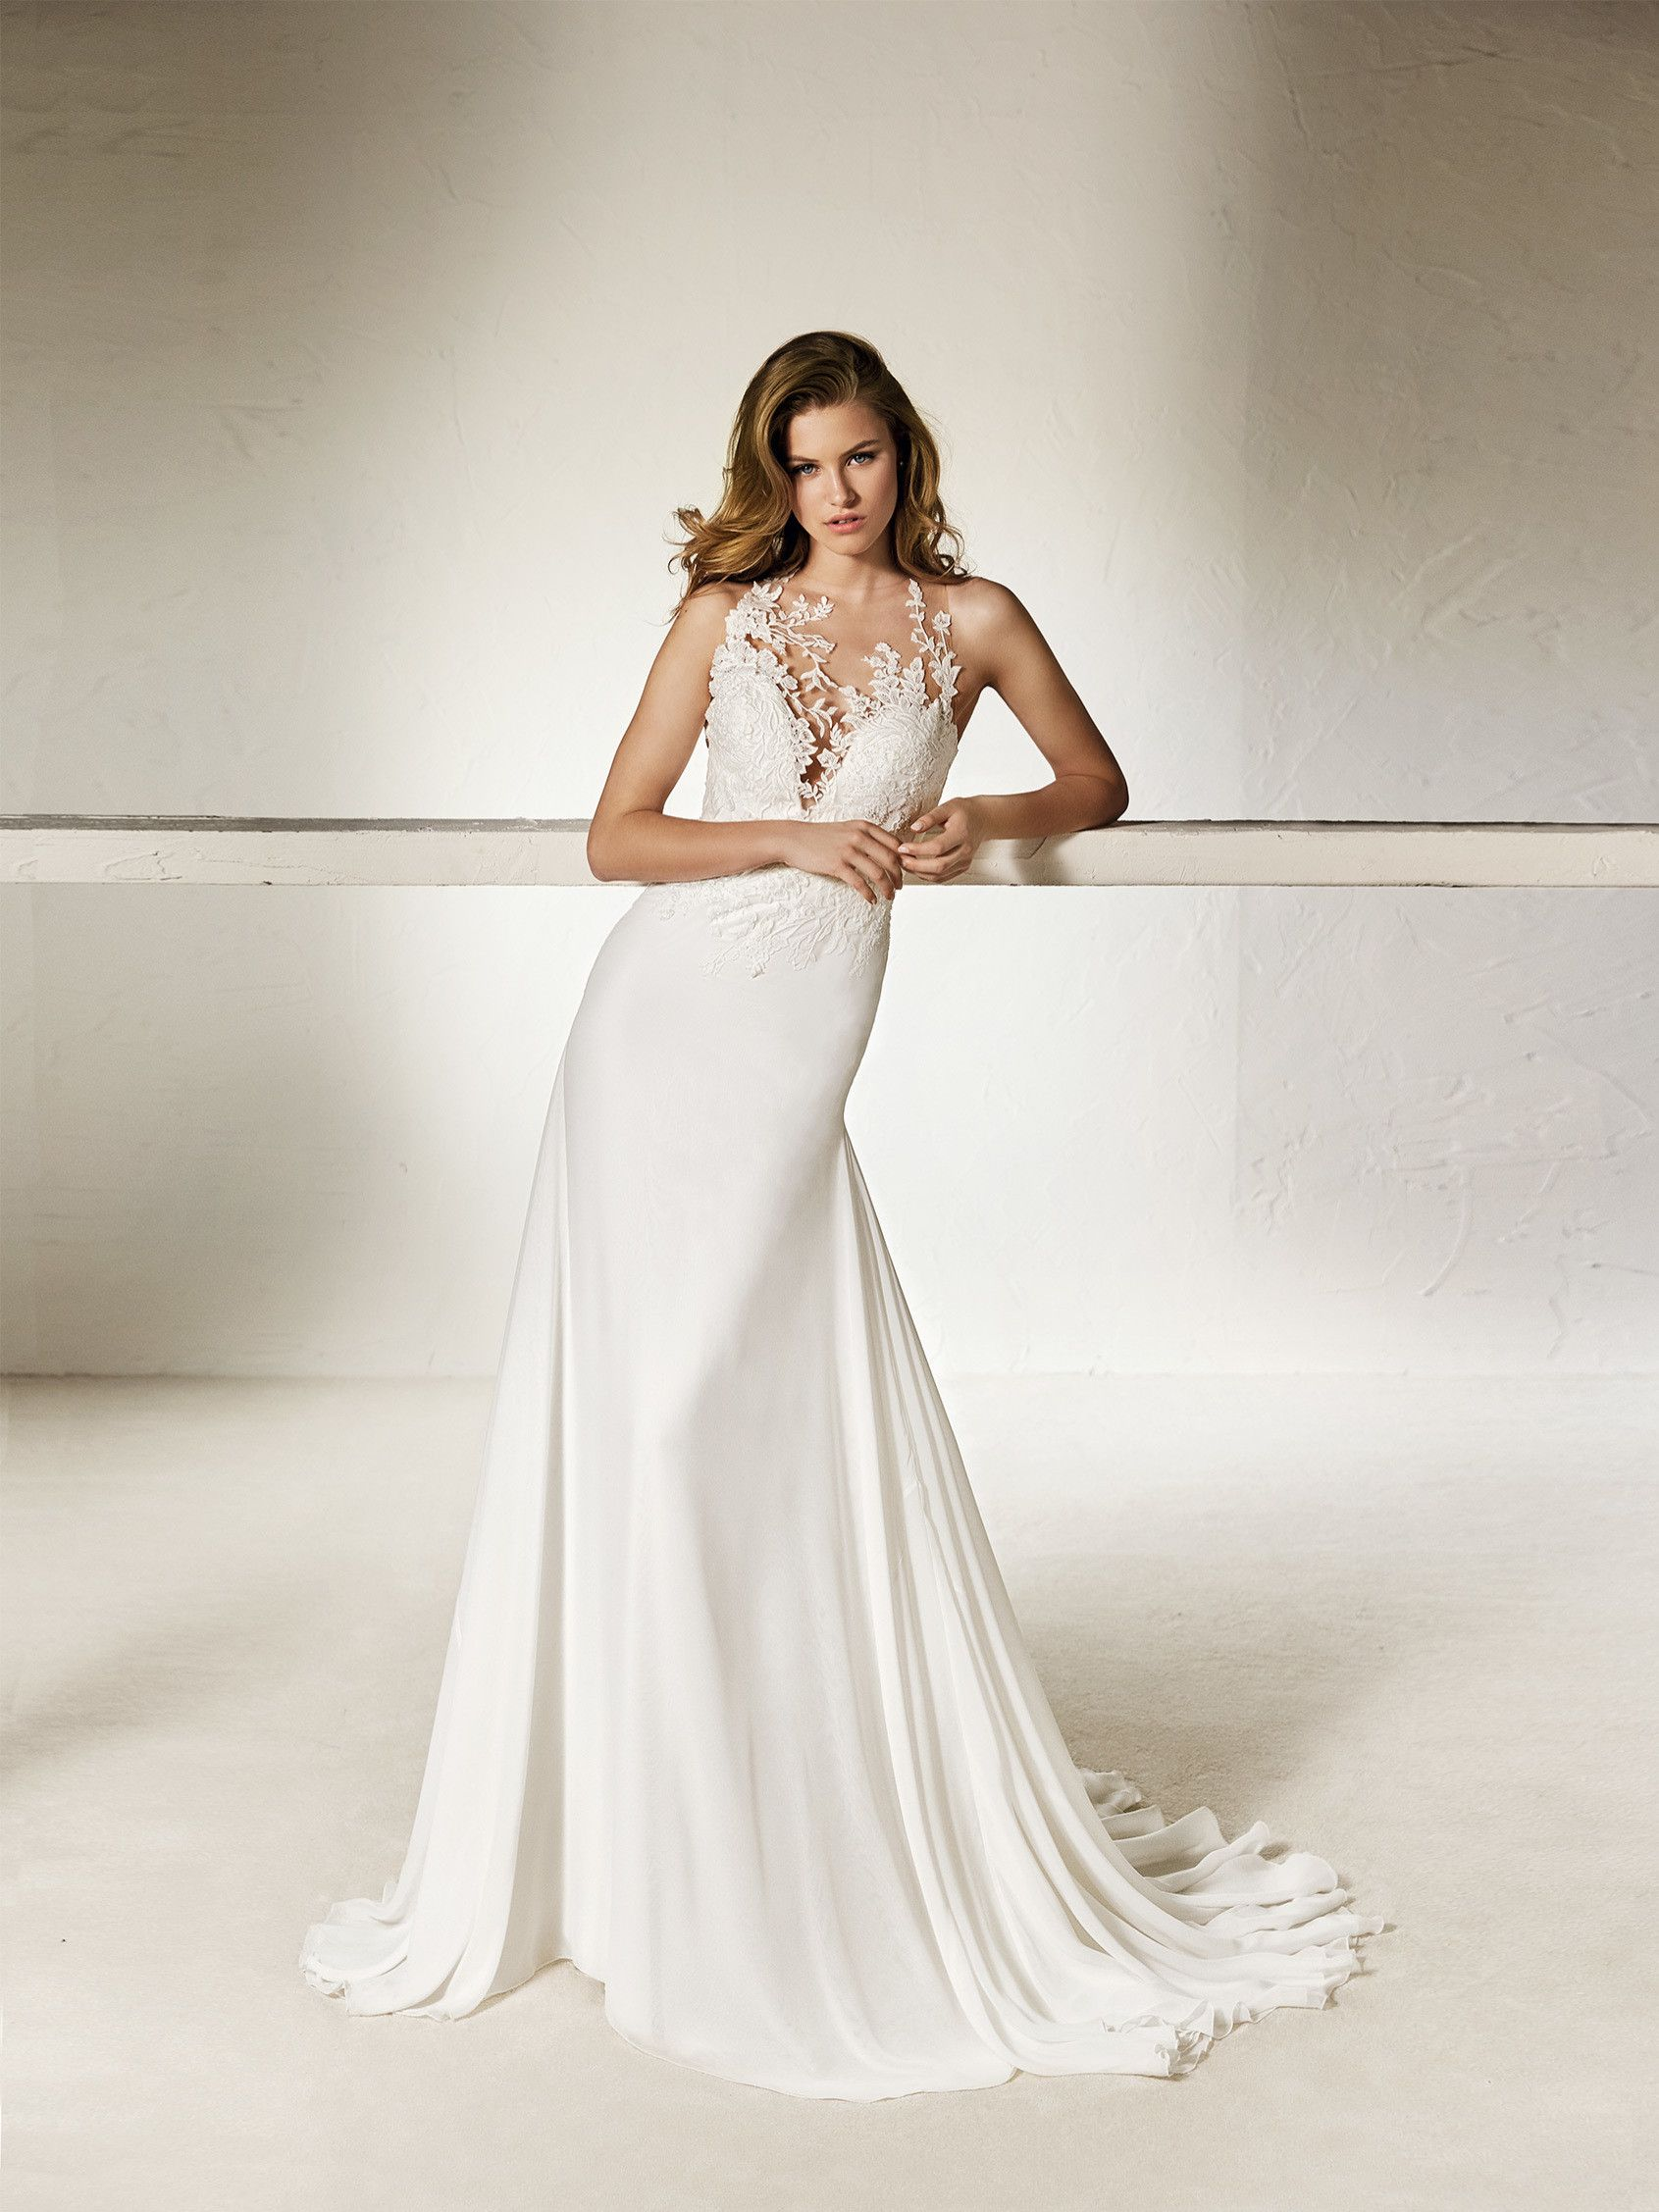 Brautkleid Ausschnitt Tüllpasse | Hochzeitskleid | Pinterest ...